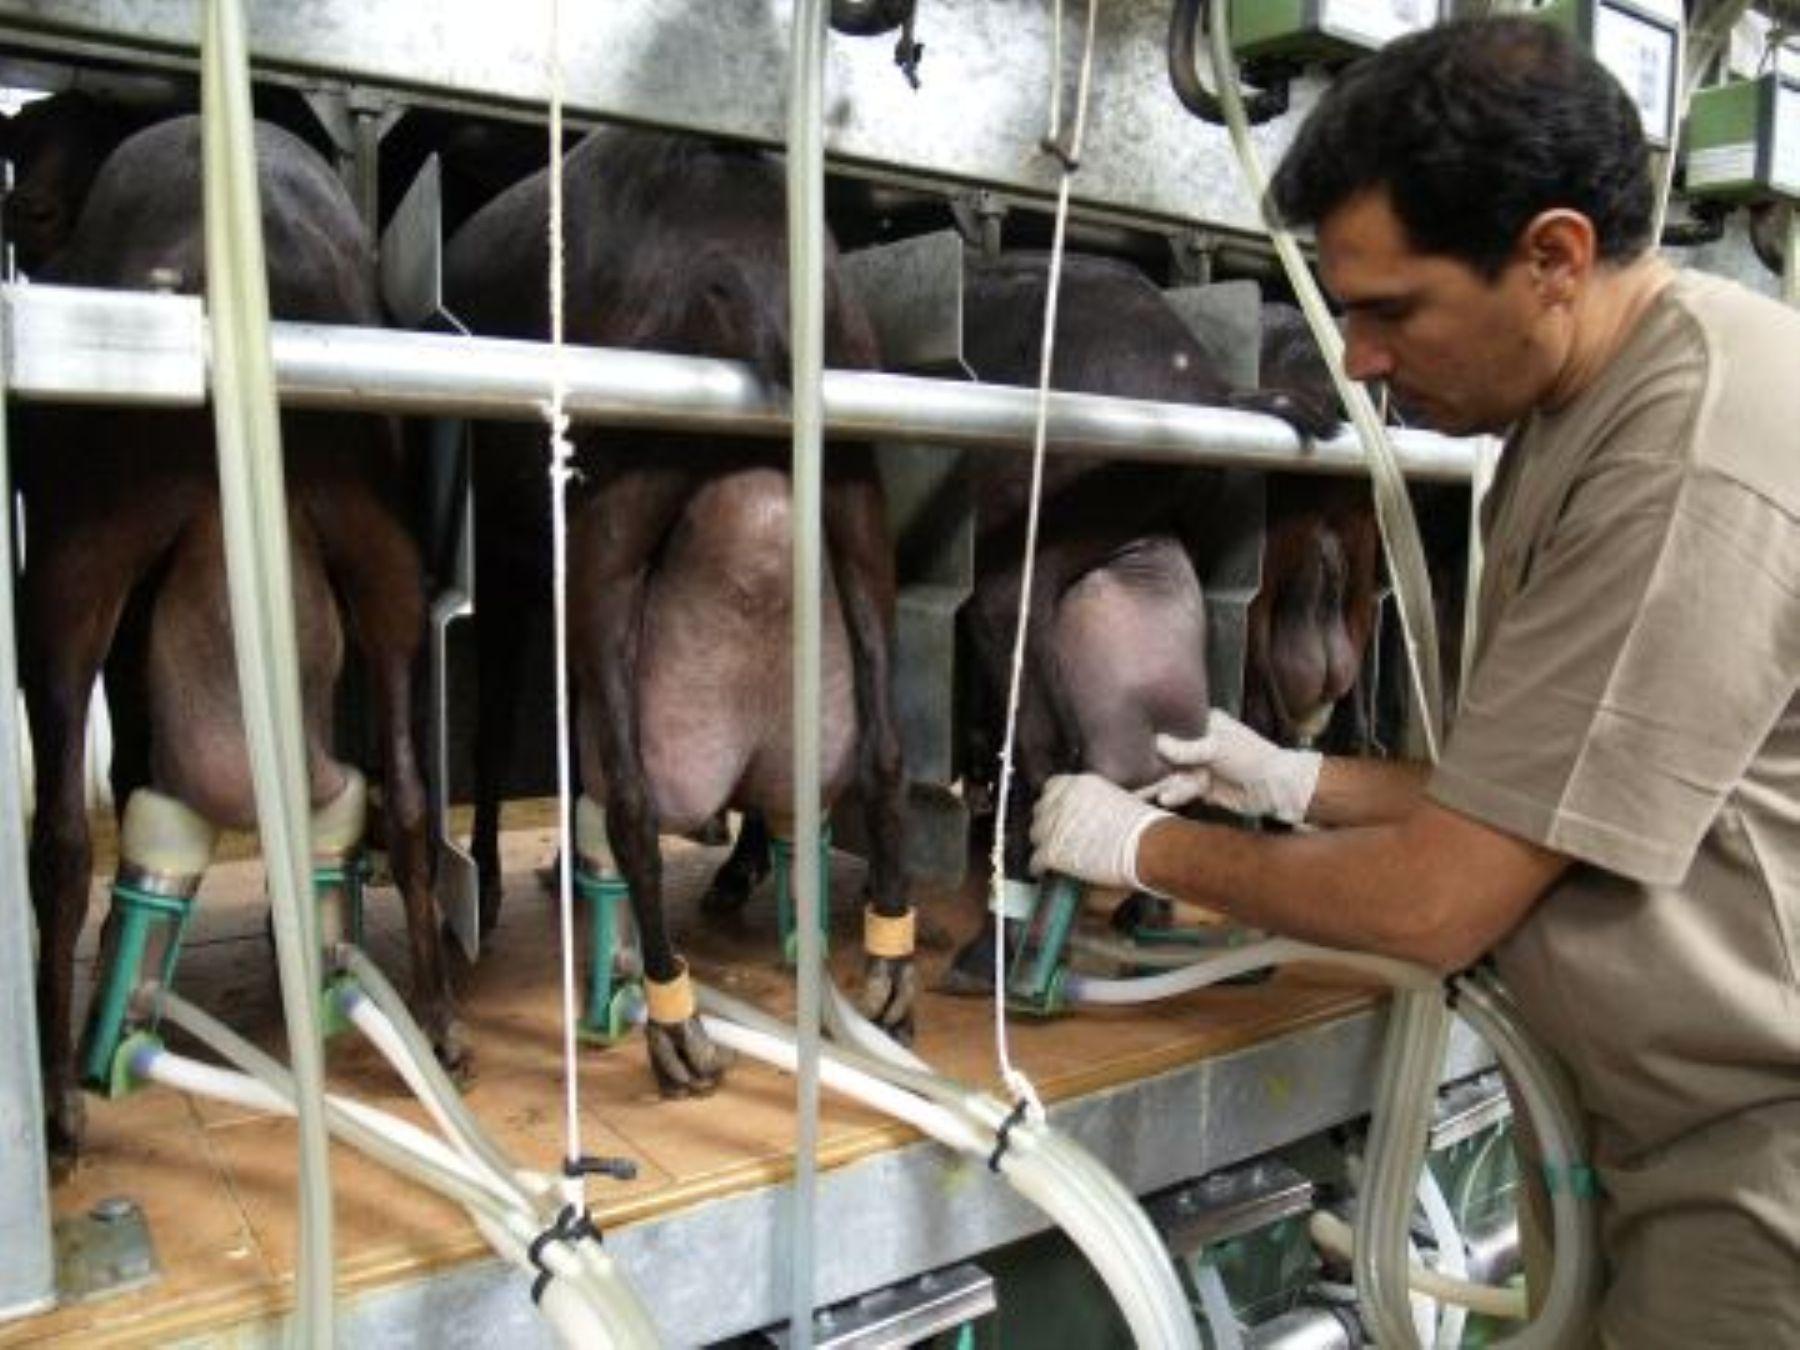 Proceso industrial de leche y productos lácteos. INTERNET/ Medios